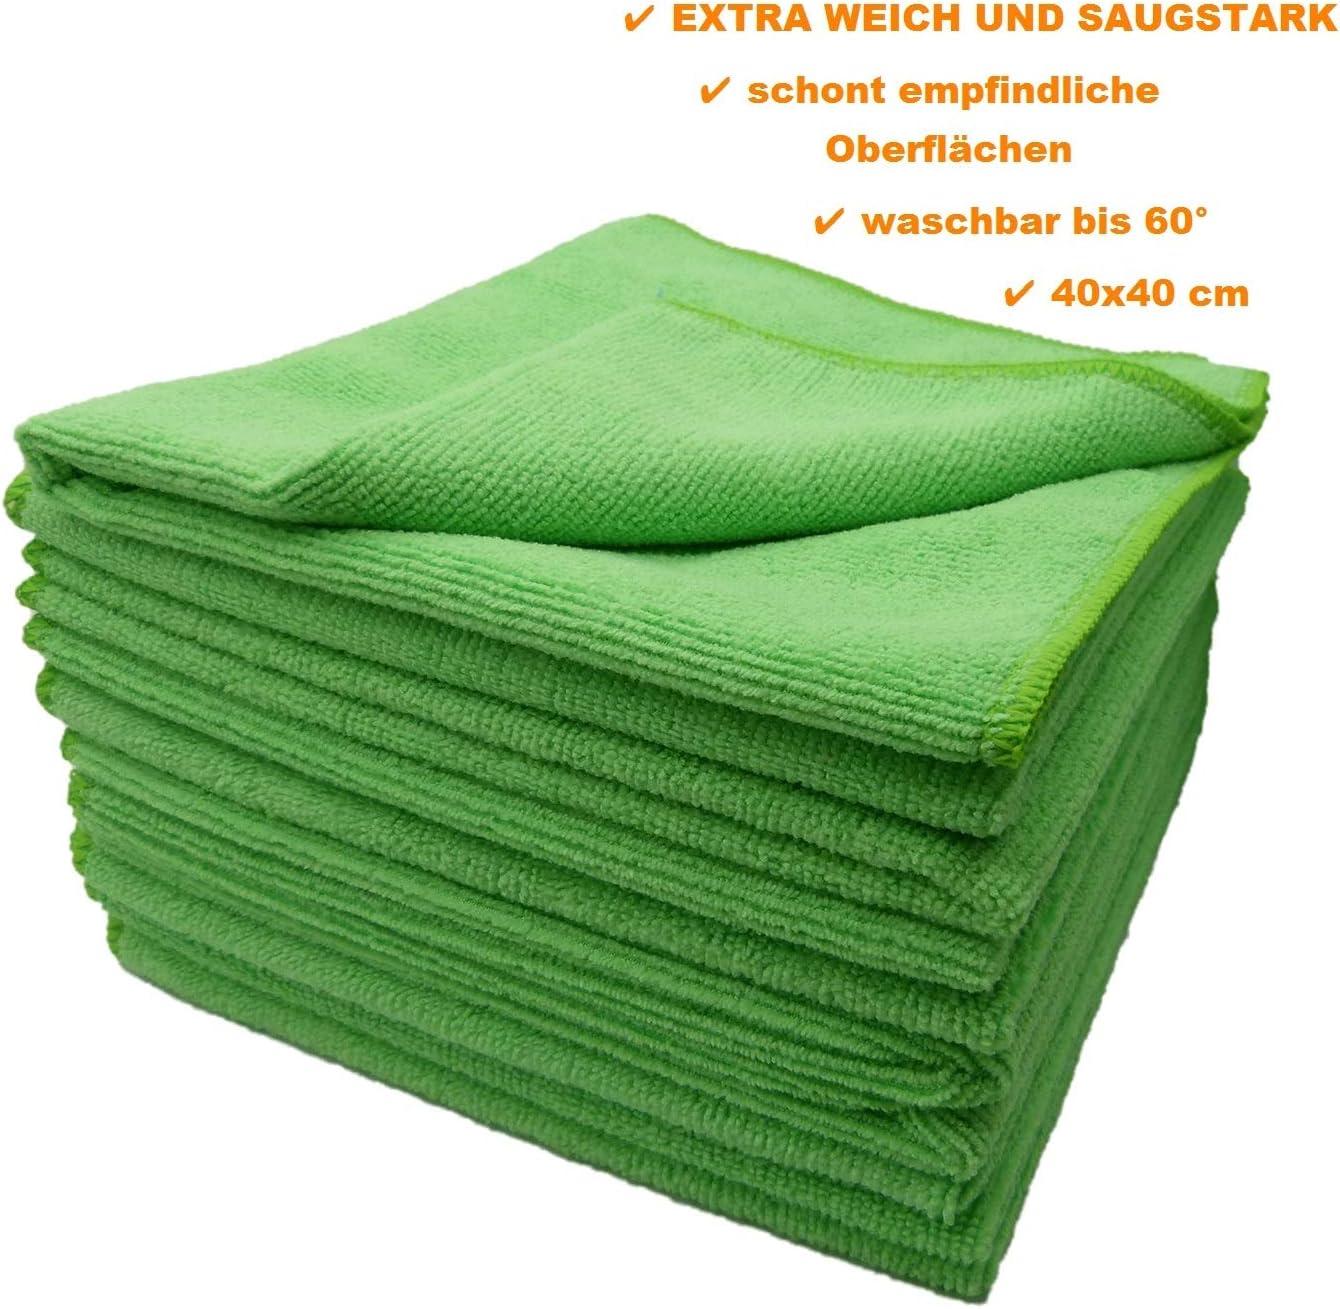 240 affaire 16x16 microfibre à usage unique chiffon de nettoyage sans trace Qualité Premium!